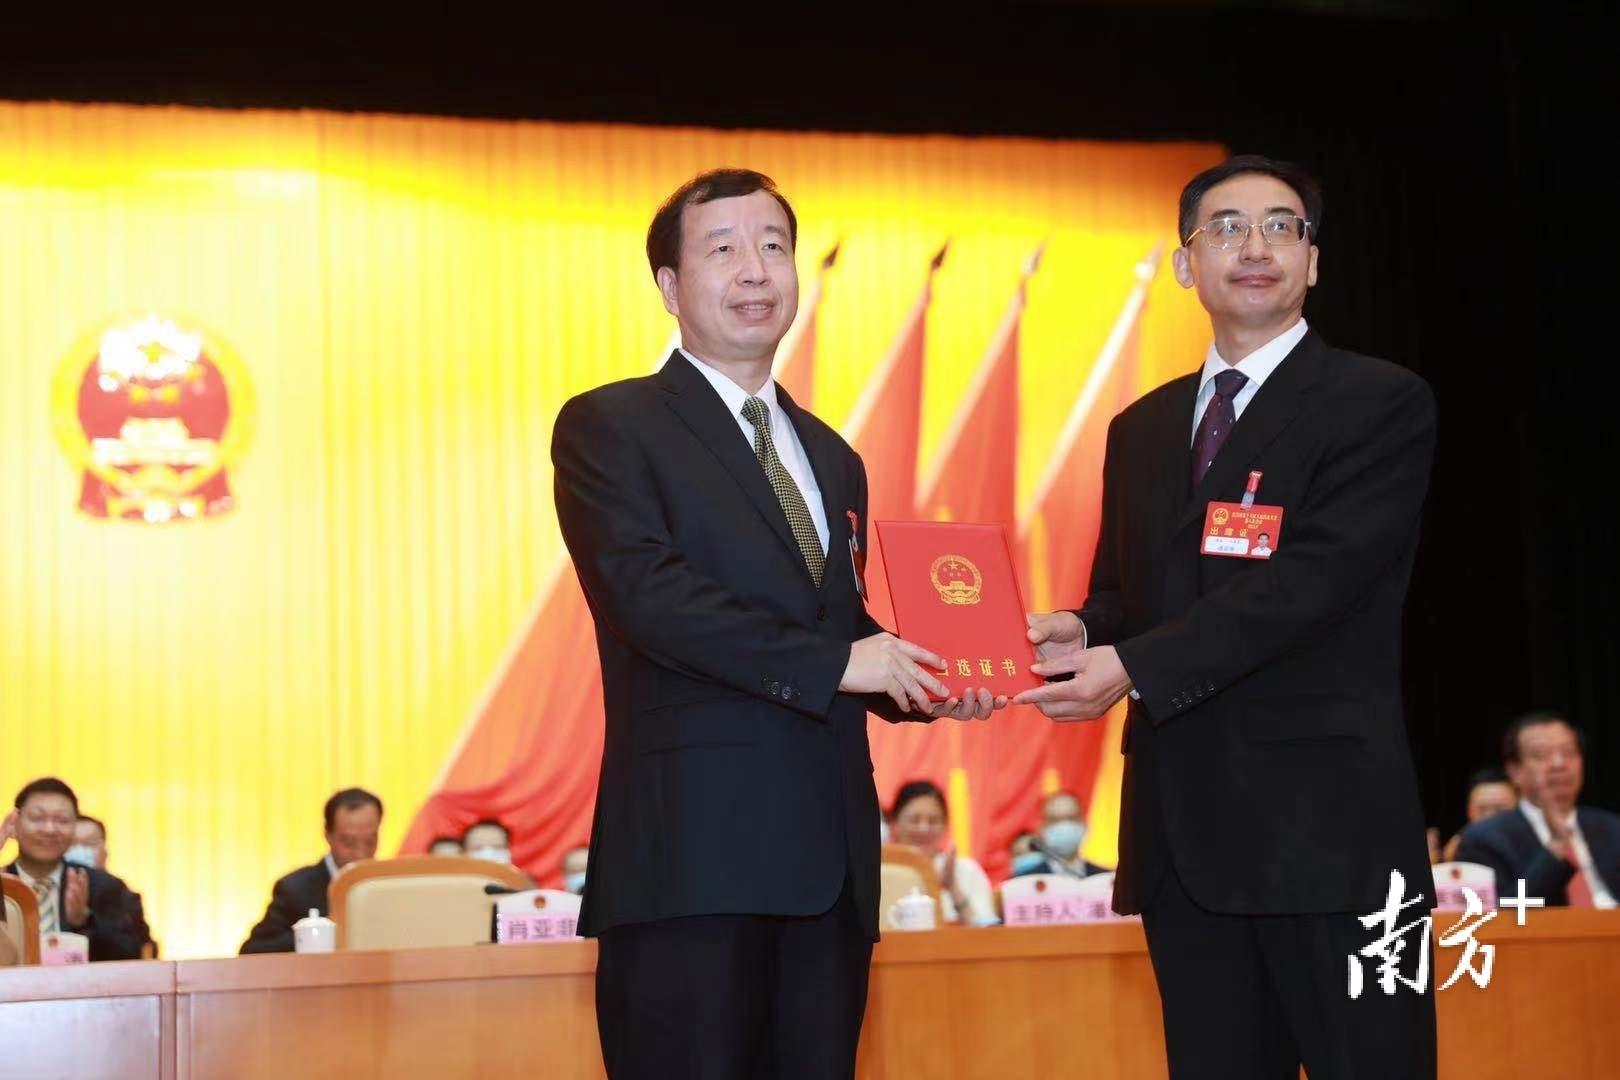 肖亚非当选为东莞市第十六届人大常委会主任